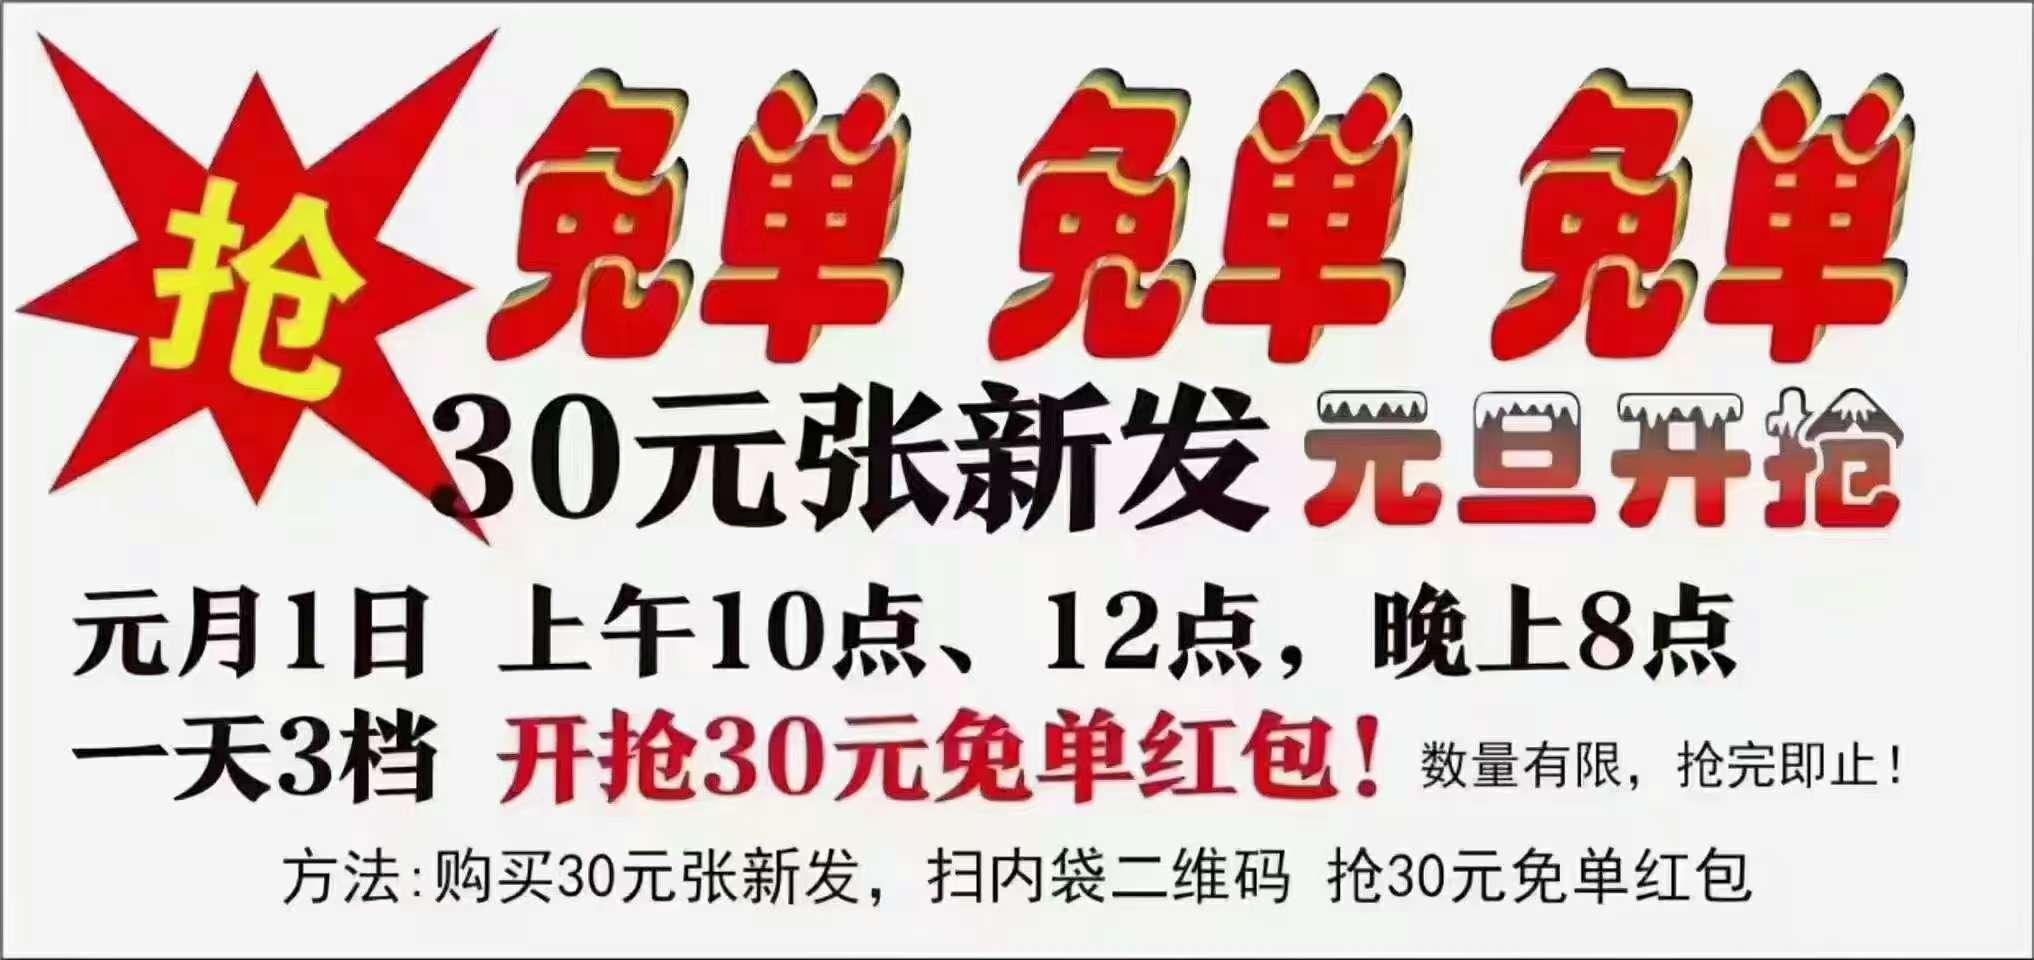 图片[2]-张新发槟榔,扫码赢30元红包-老友薅羊毛活动线报网